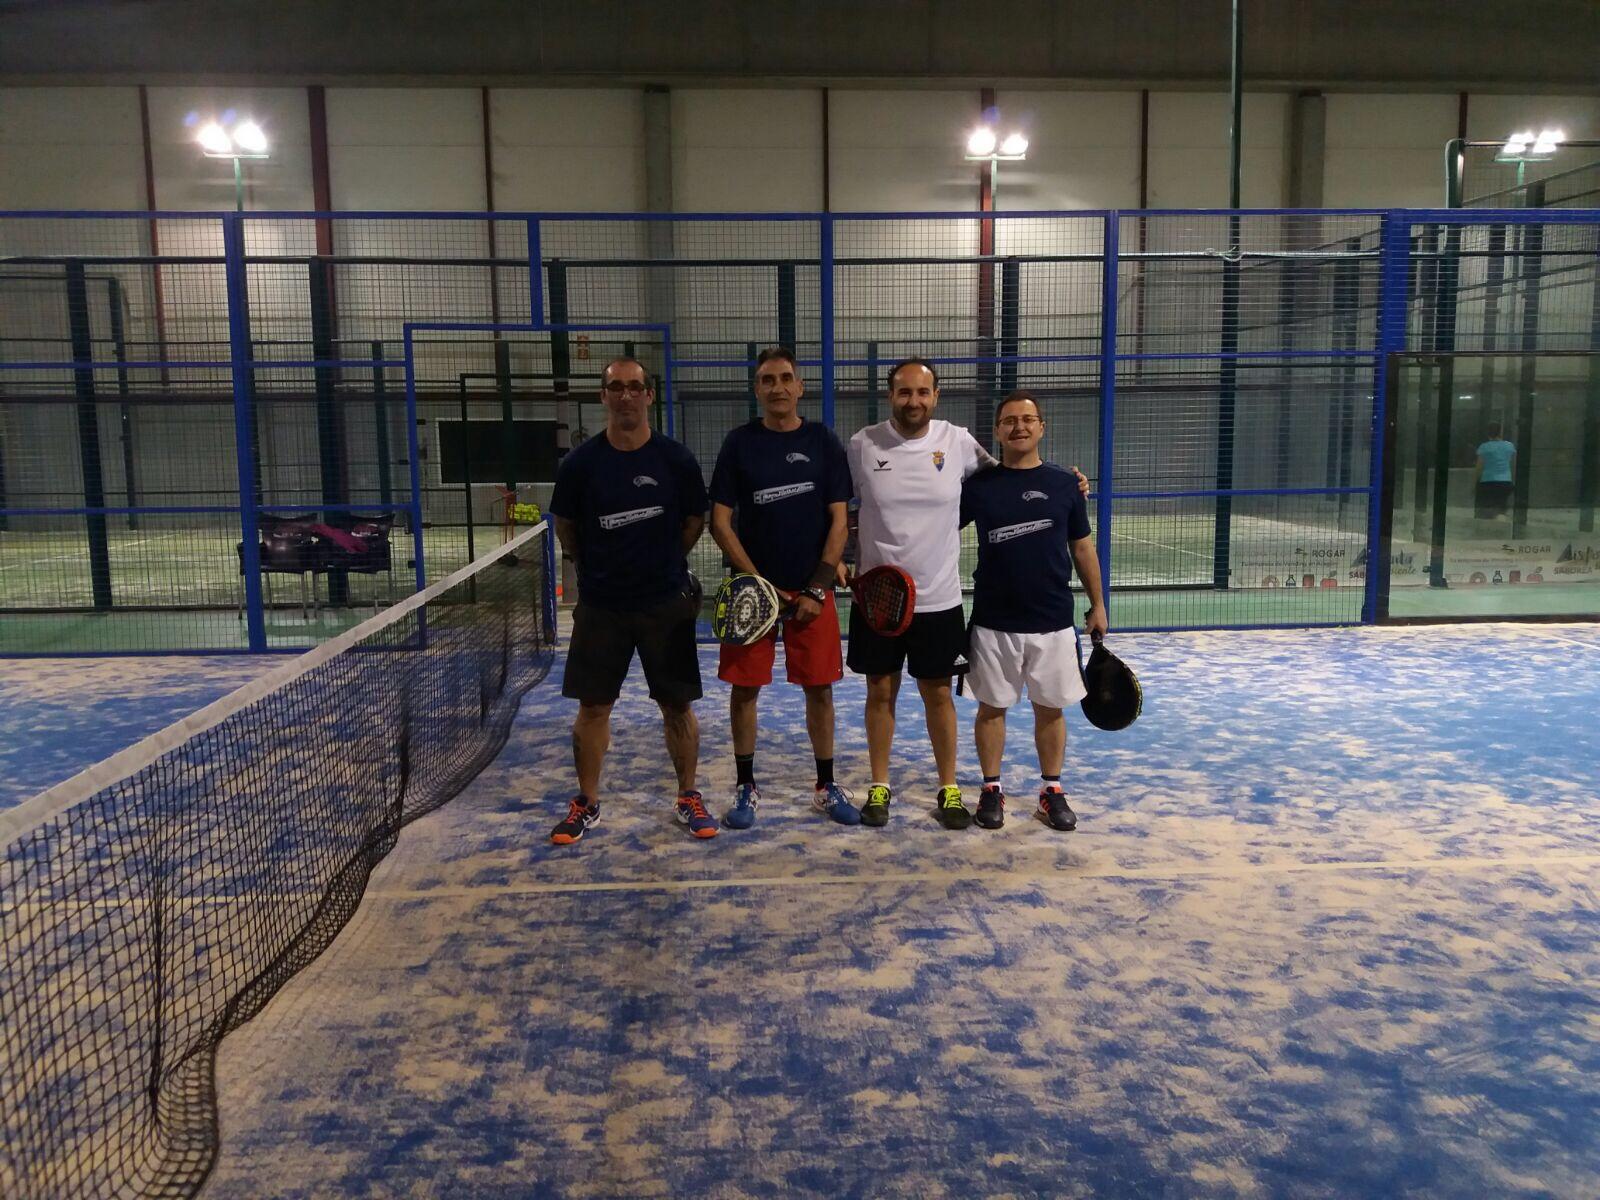 Patrocinando  el deporte de Aragón y la afición de nuestros  compañeros